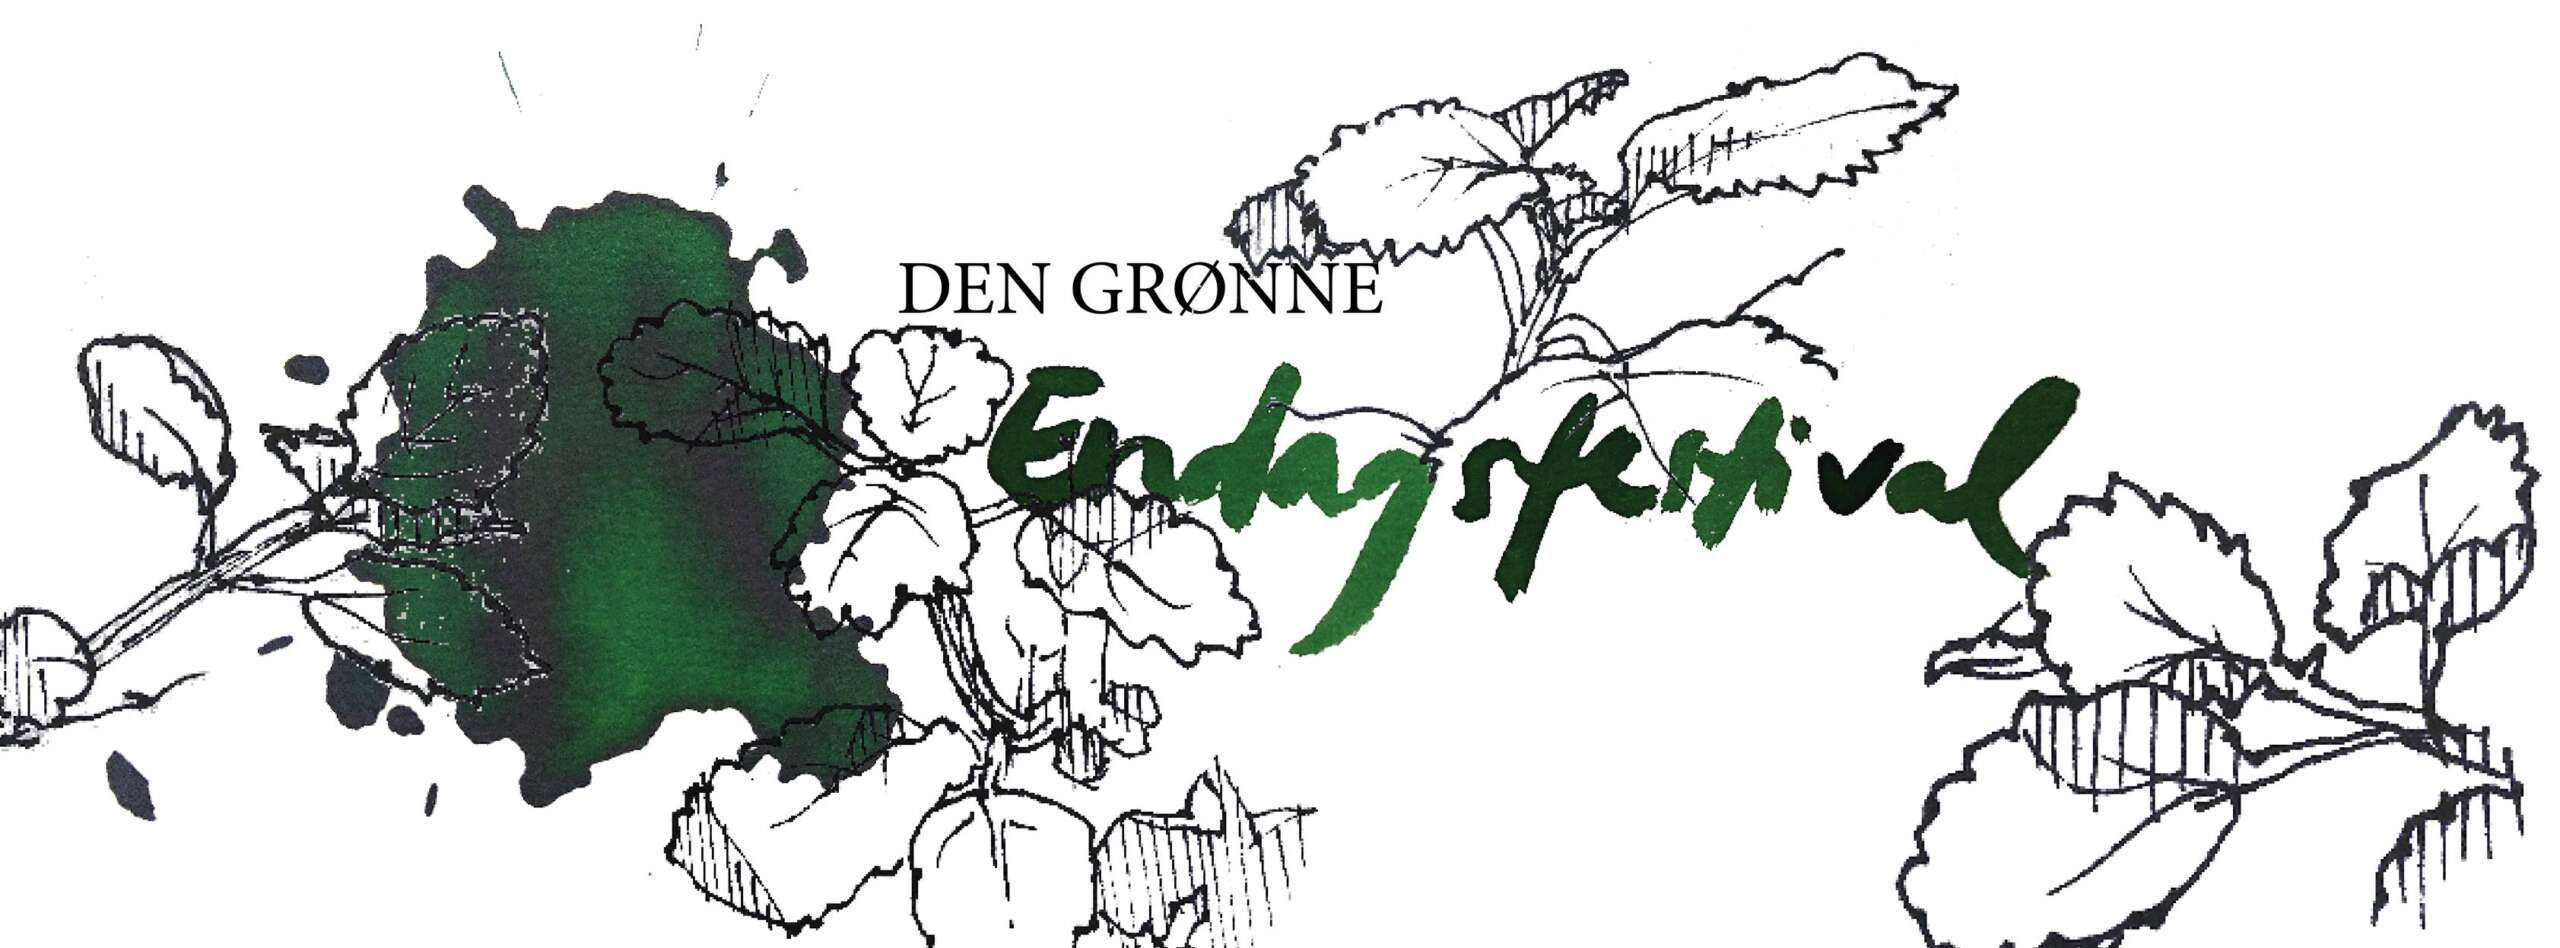 Den Grønne Endagsfestival